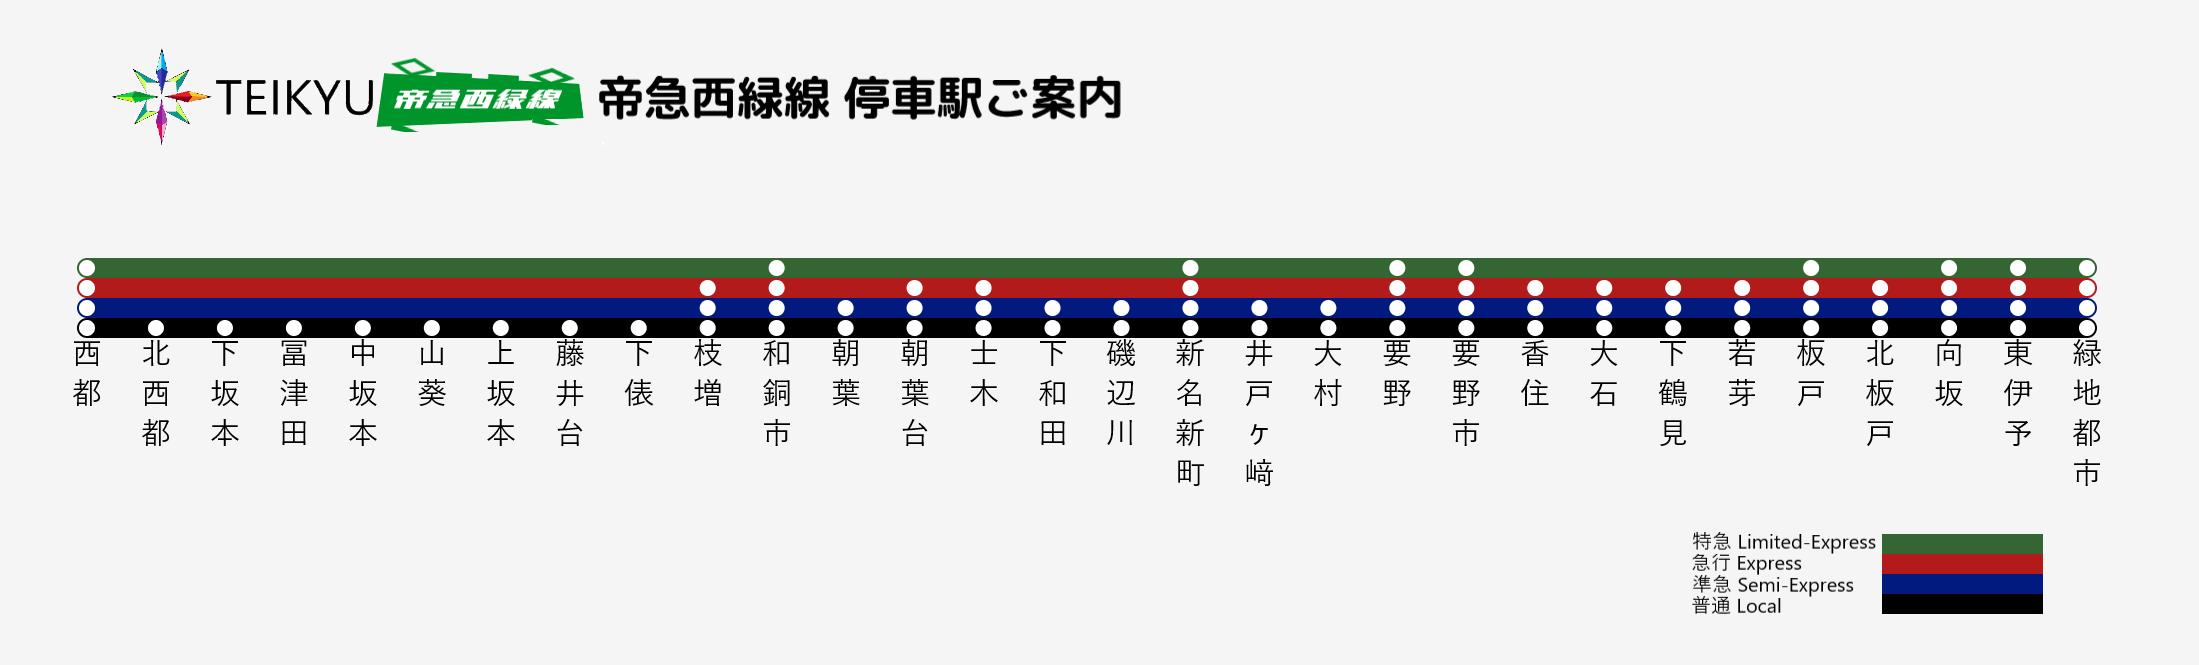 帝都急行電鉄 路線図_1.png